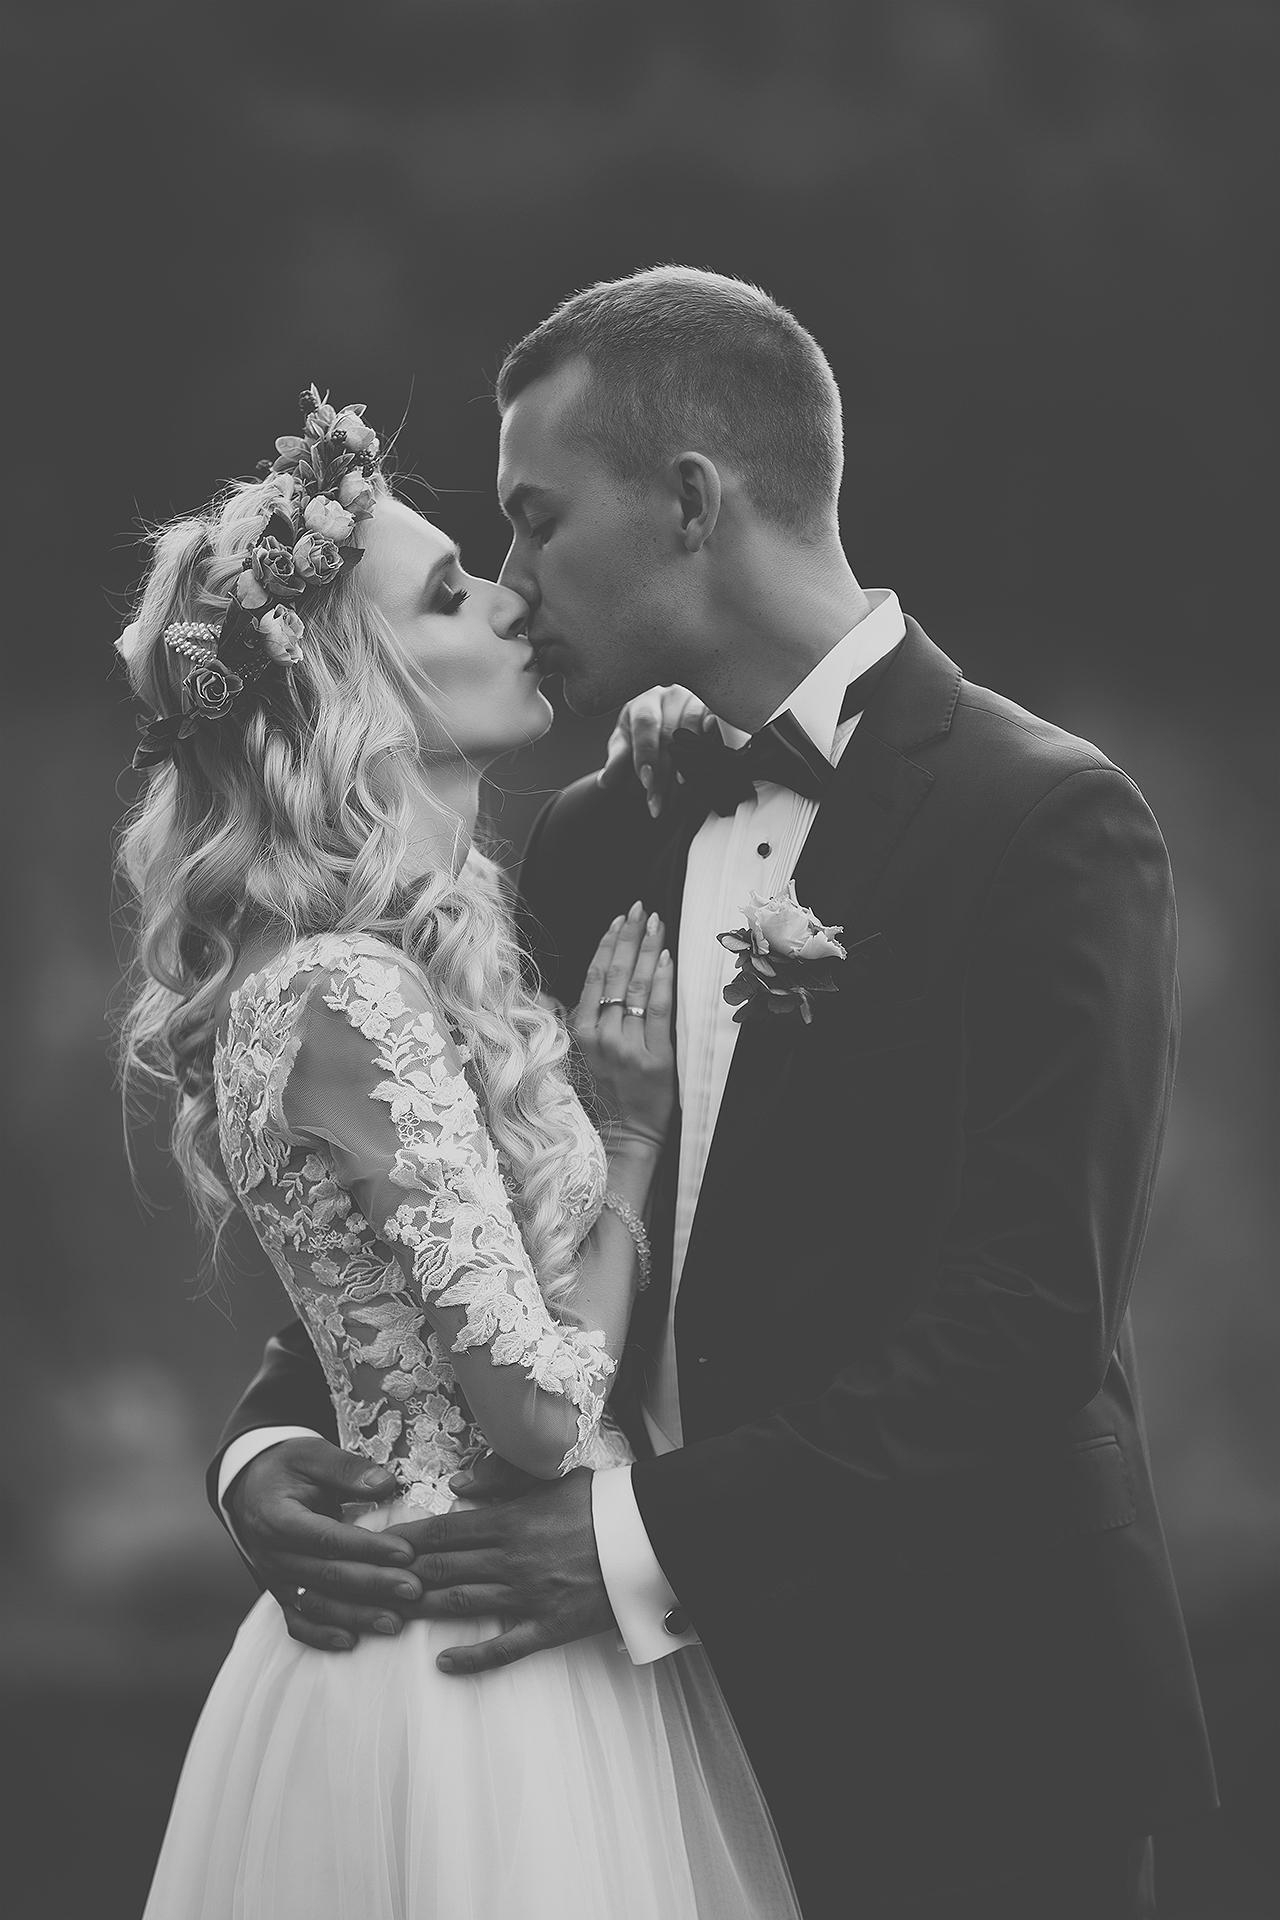 Romantyczny portret pary młodej